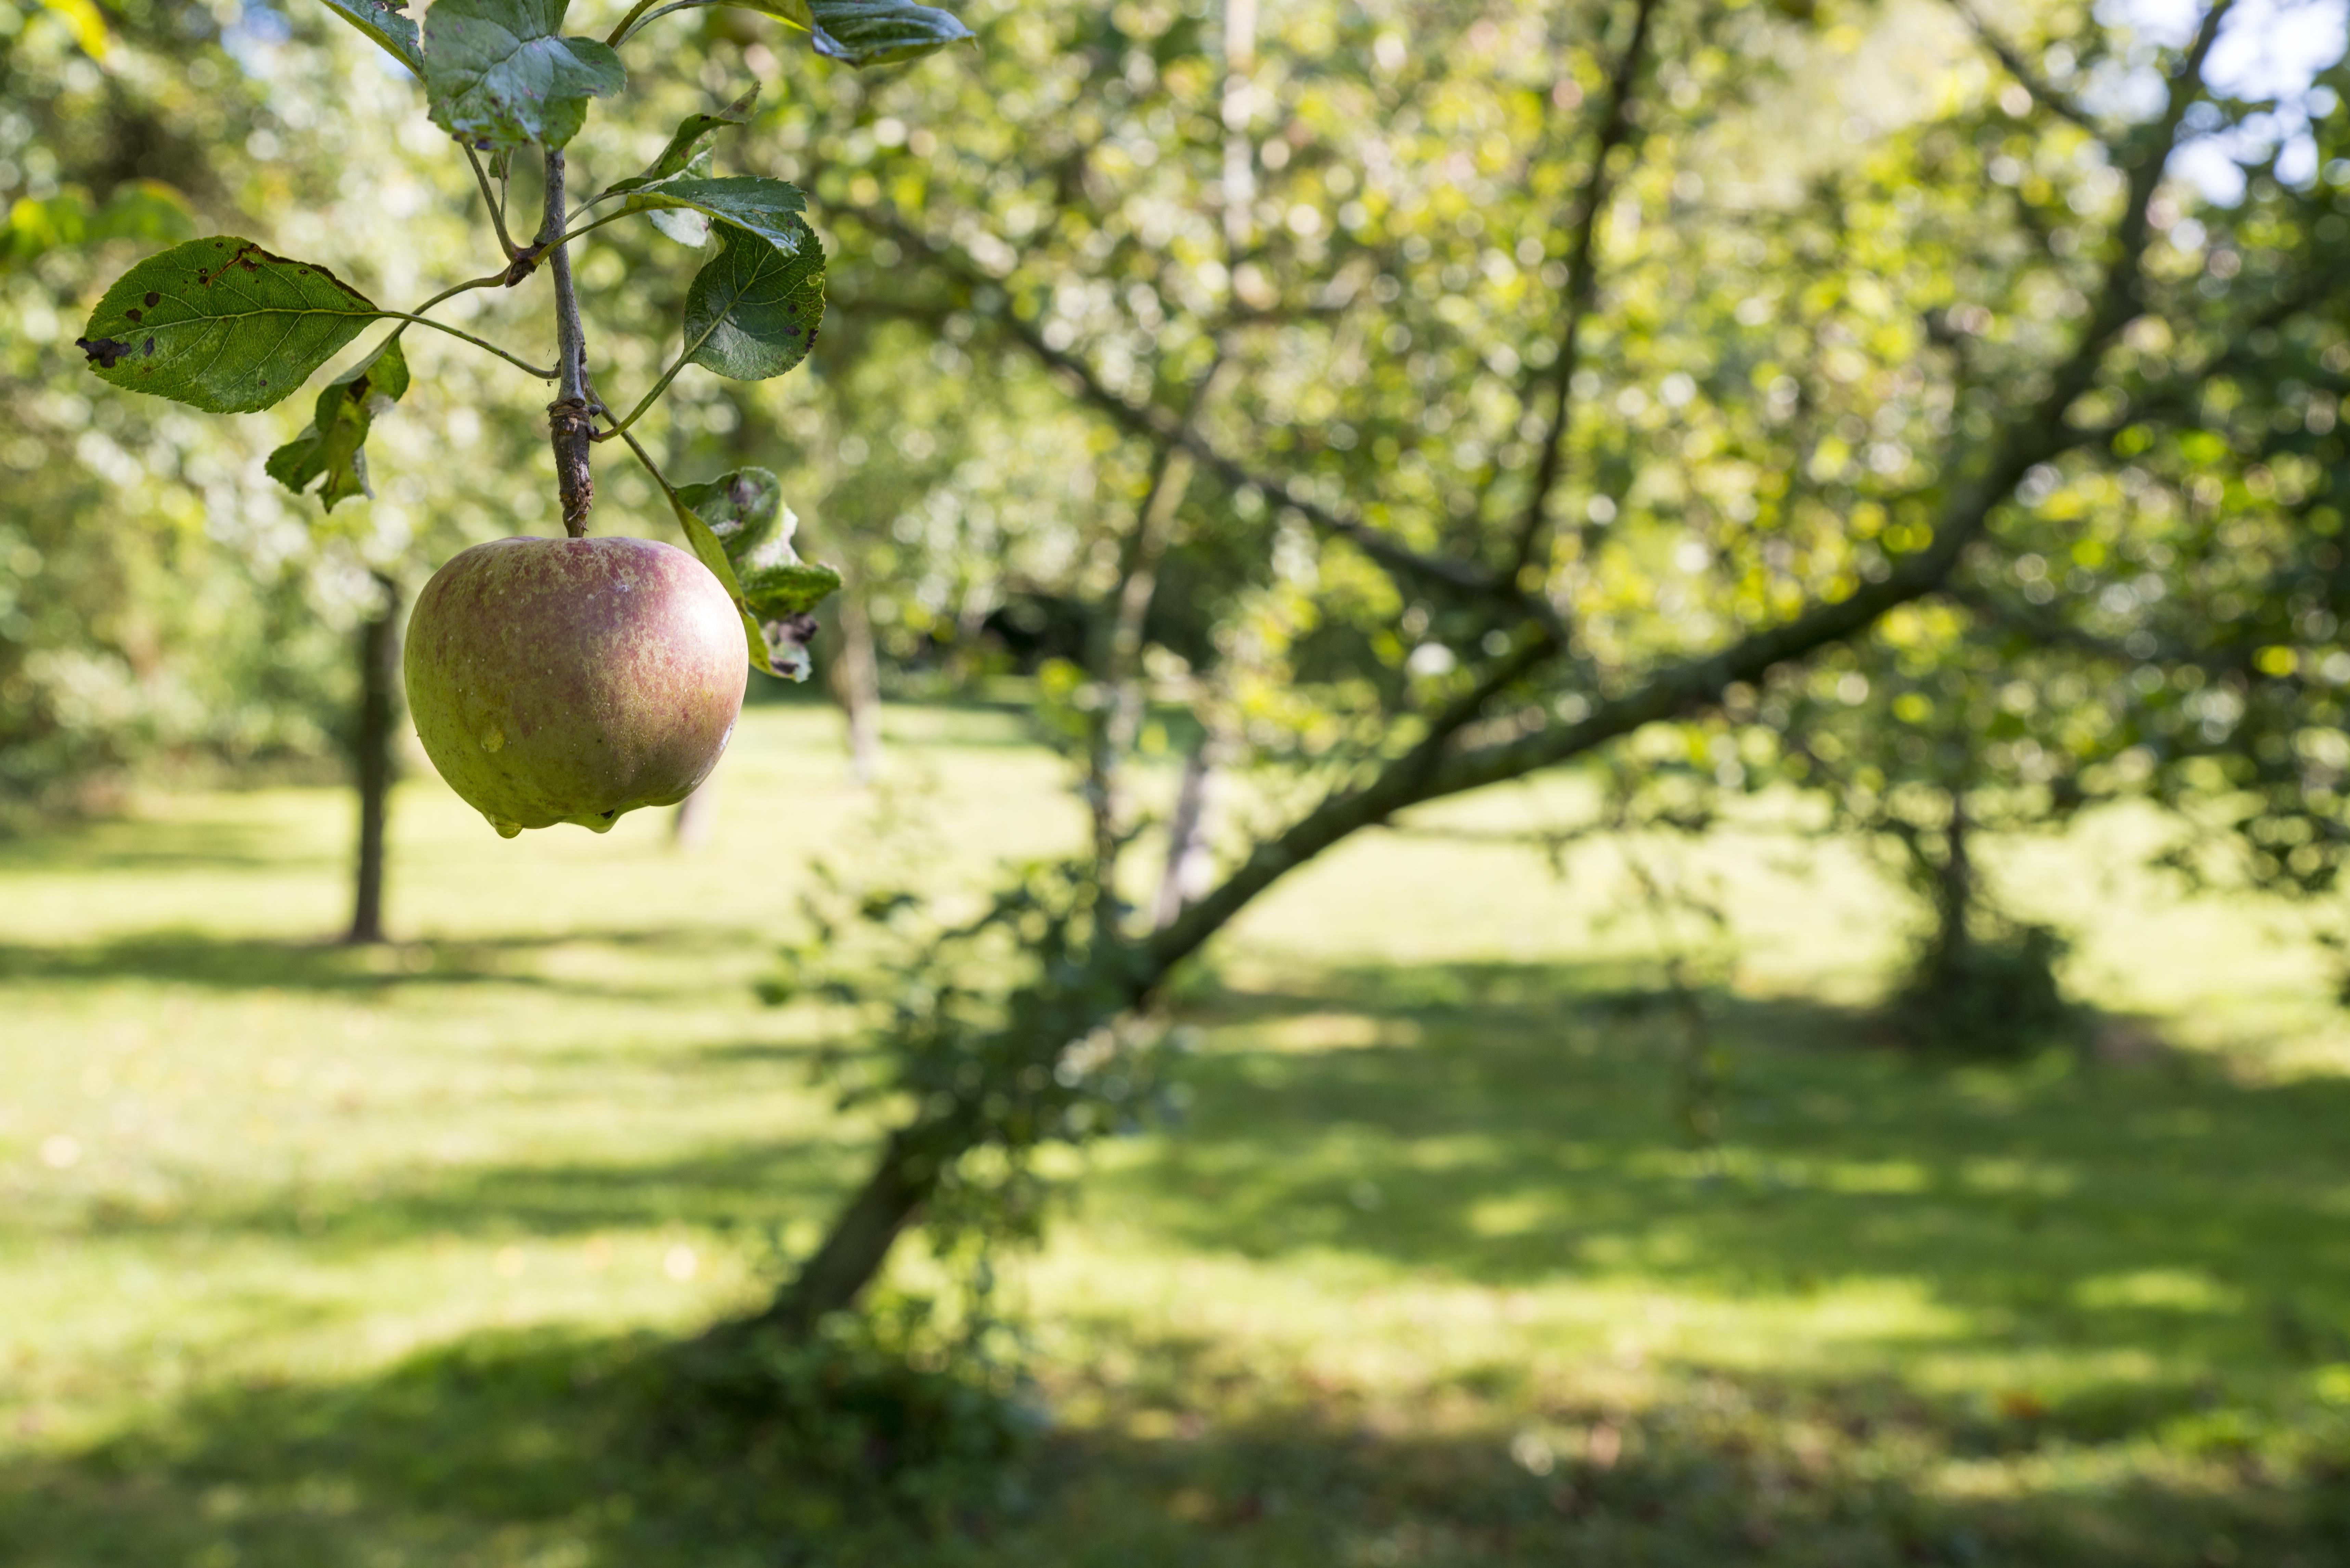 Pomme au gîte Verger de la Maulière